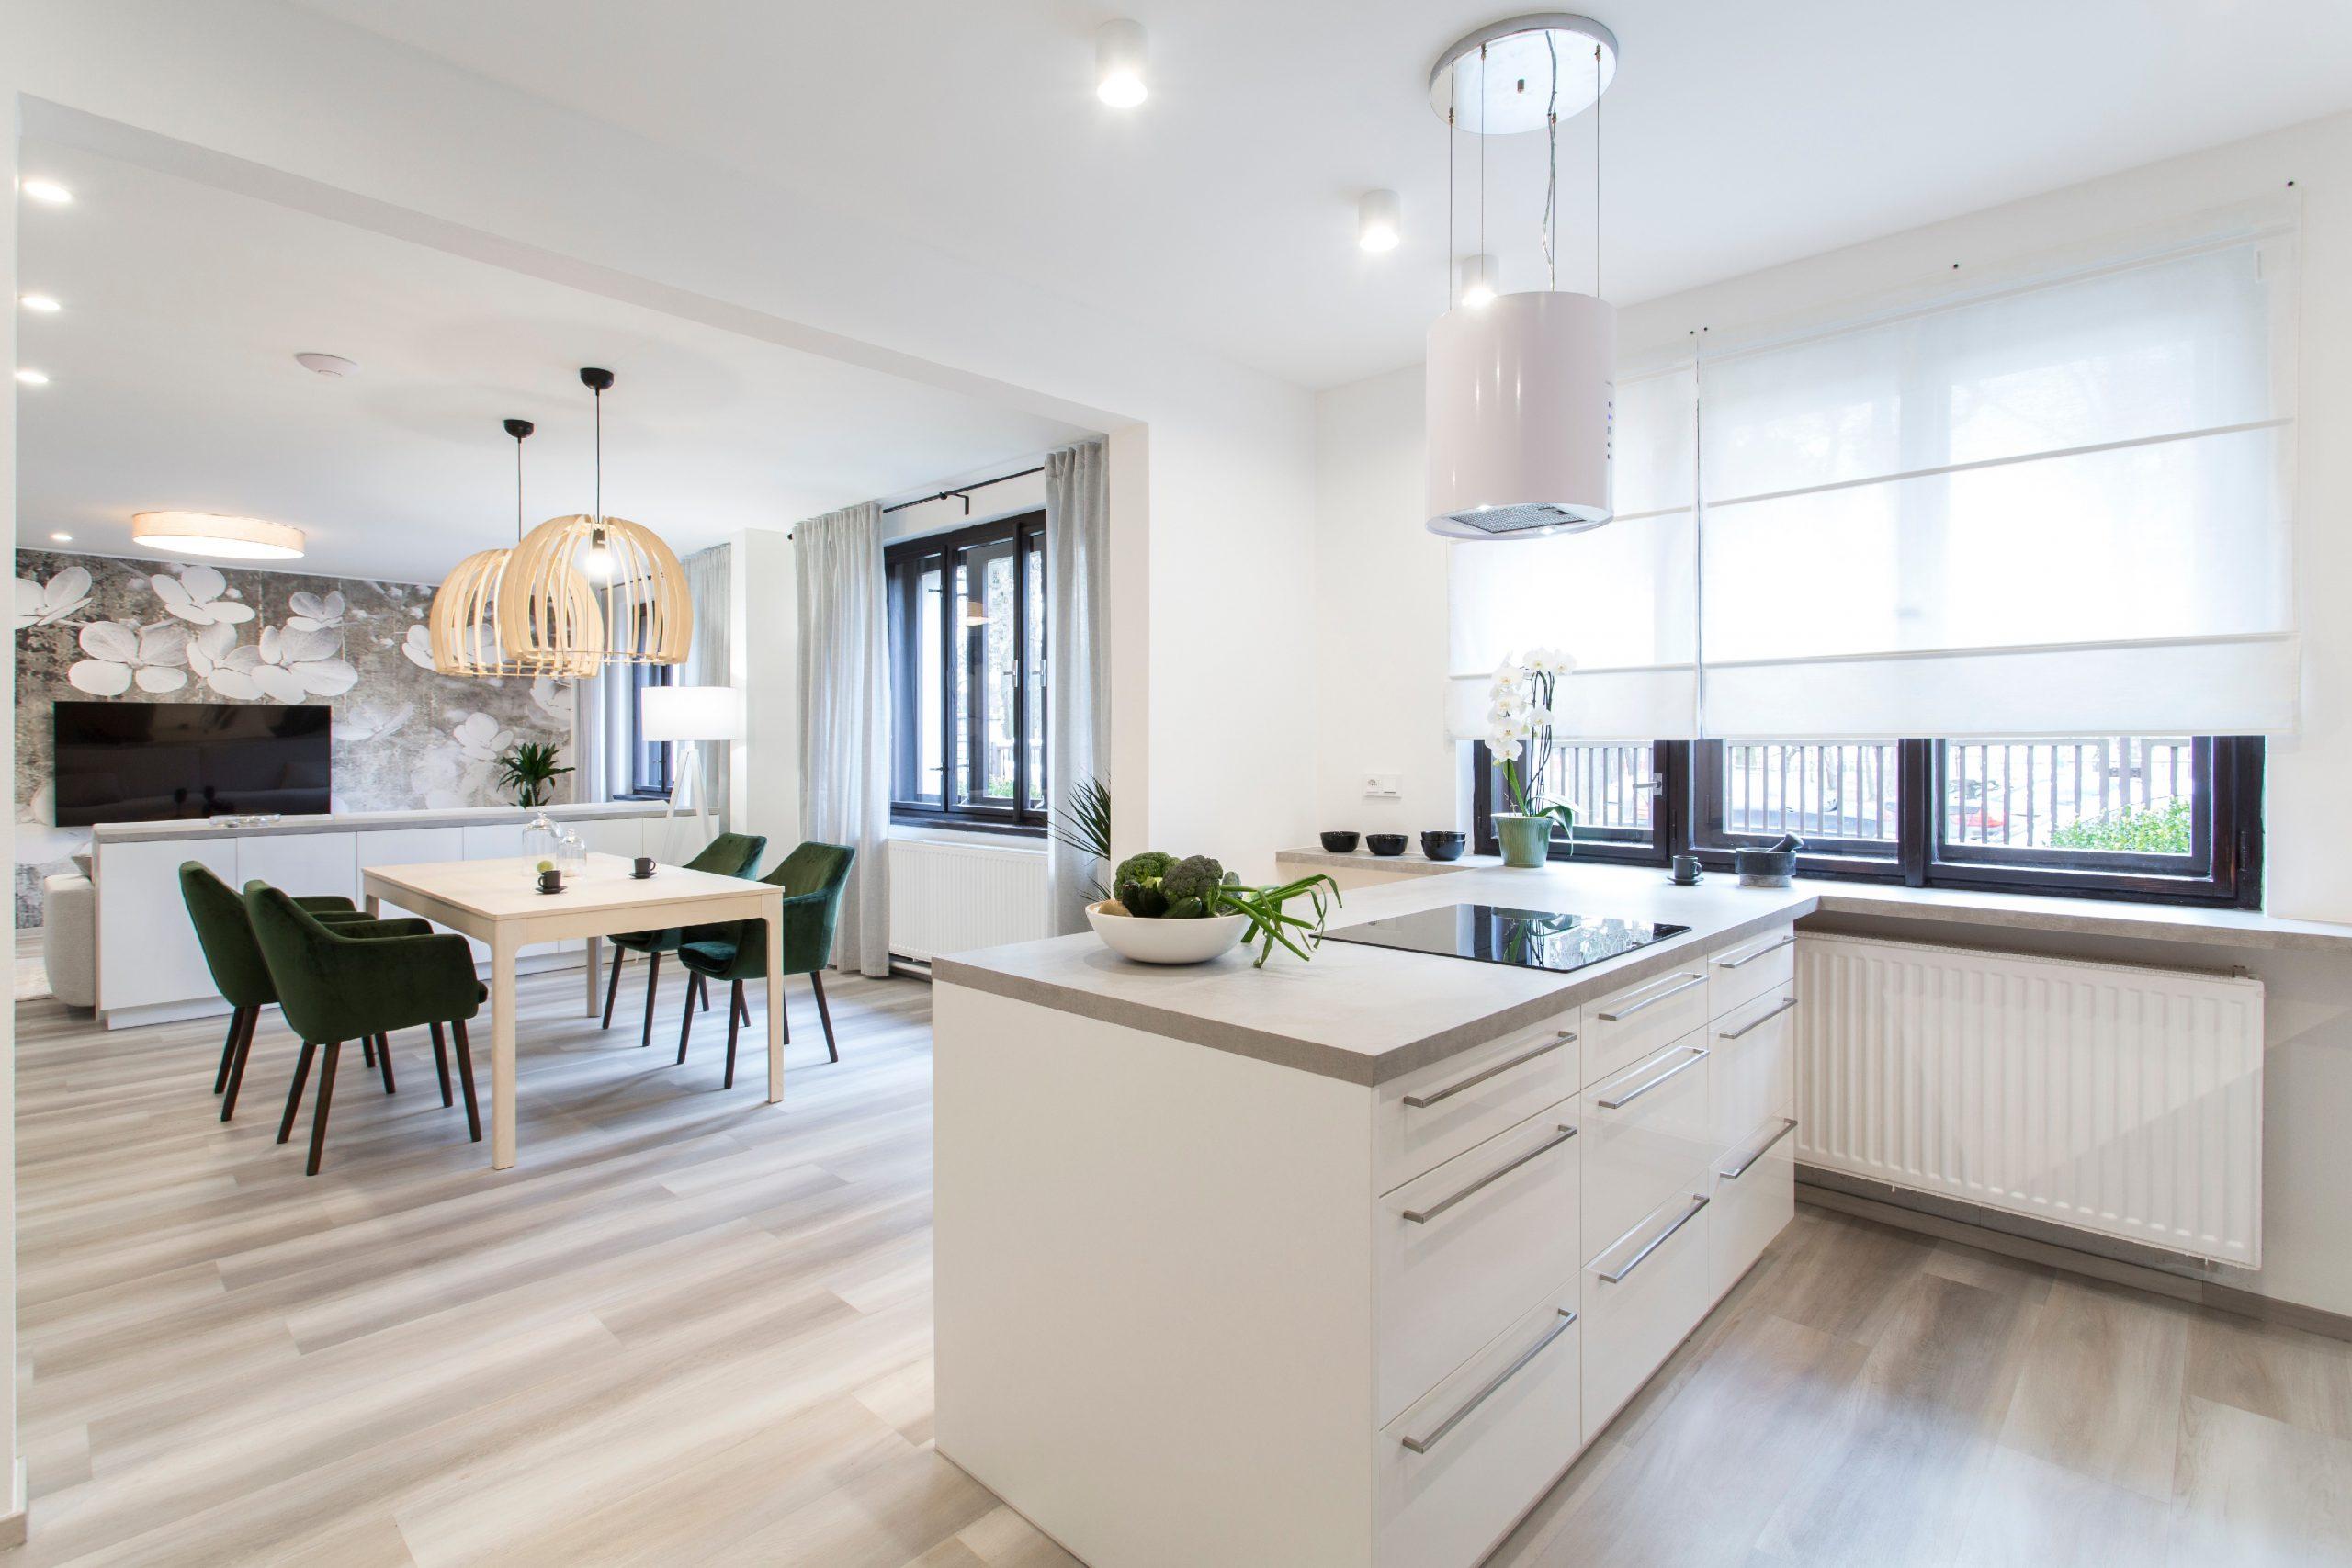 Biela kuchyňa s veľkou jedálňou